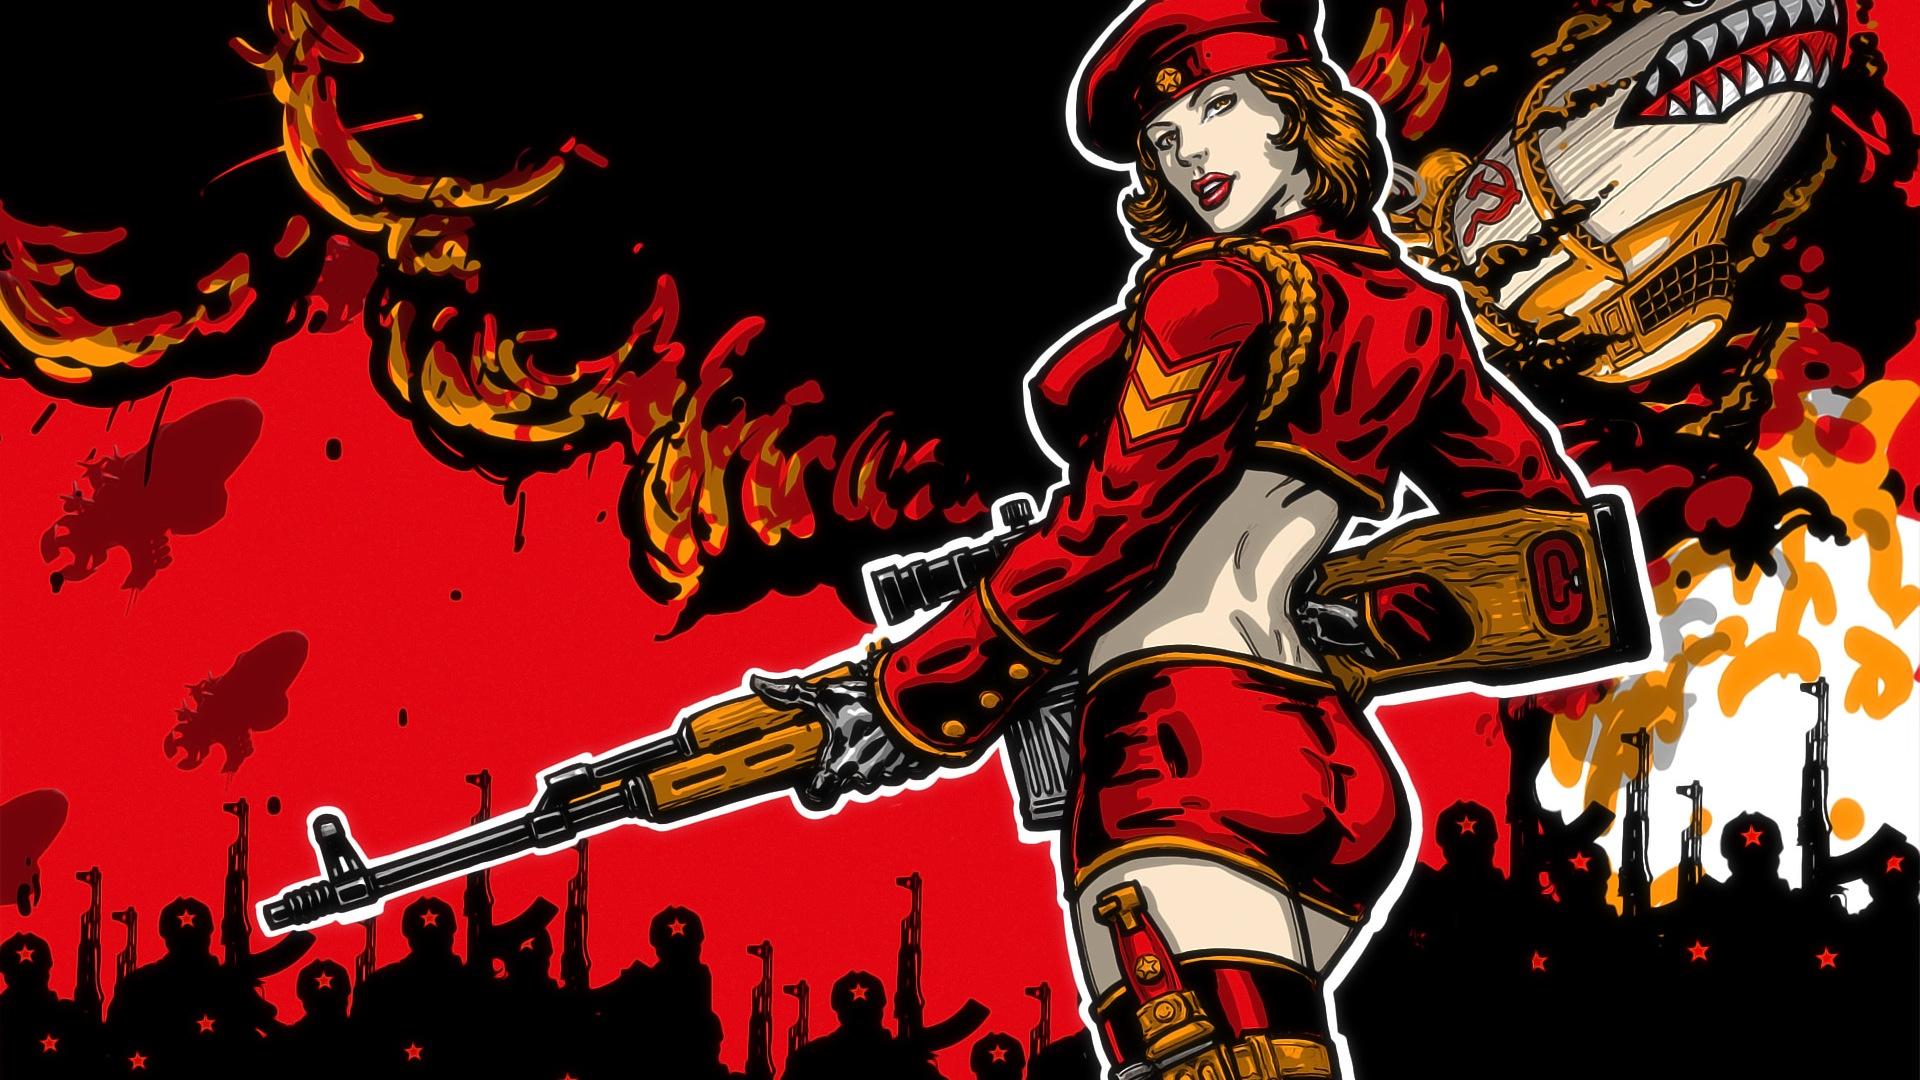 Red Alert 3 Wallpaper - WallpaperSafari